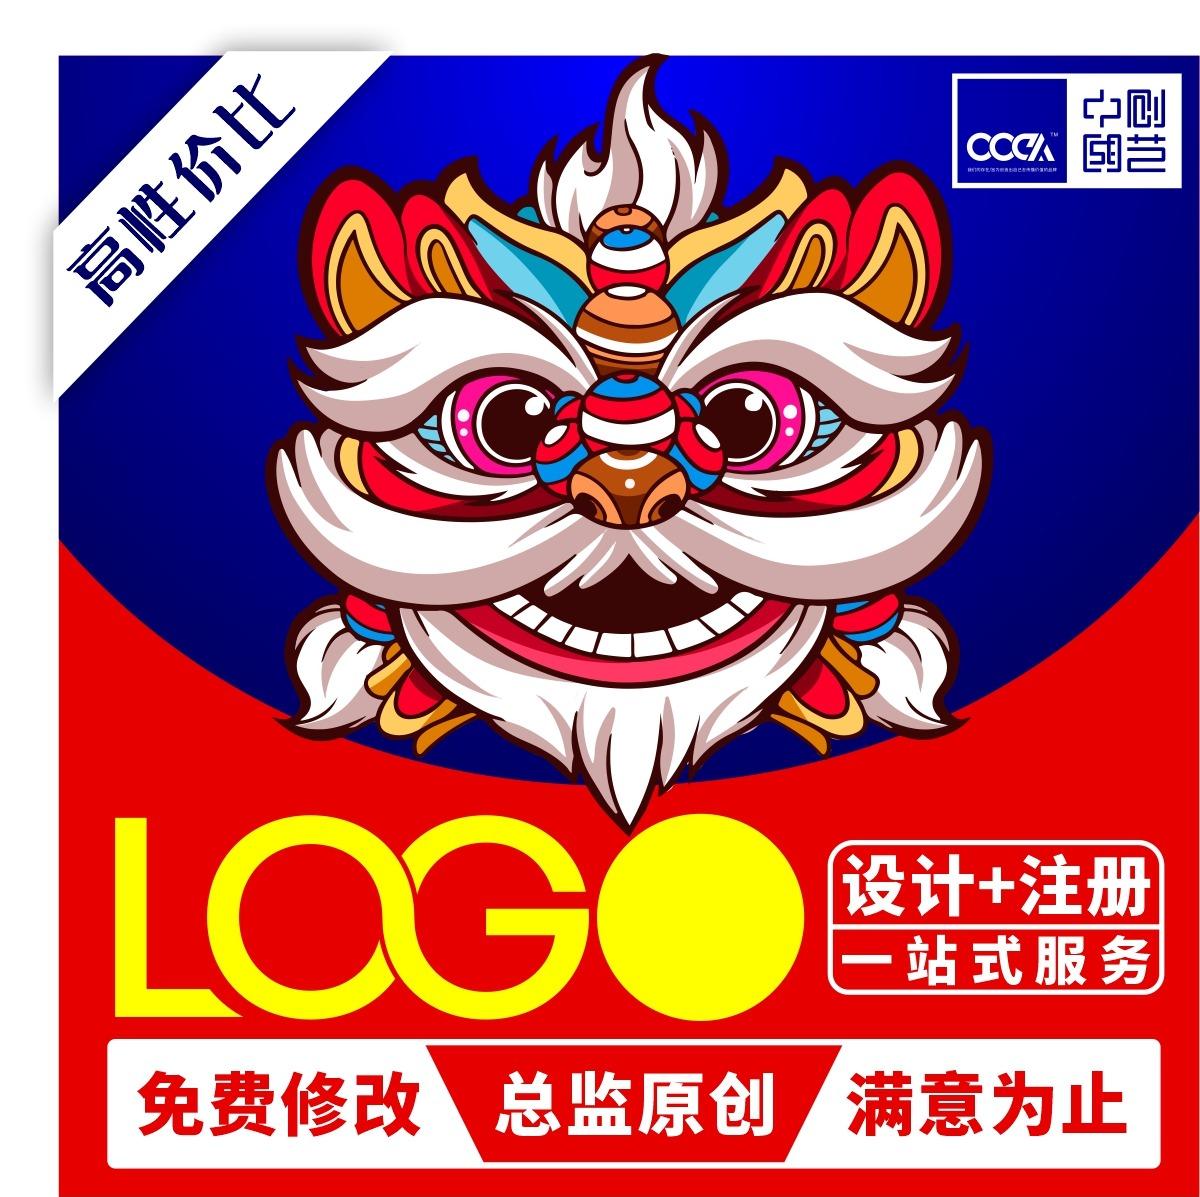 【总监原创设计】VIS设计LOGO企业规范话设计服装形象设计